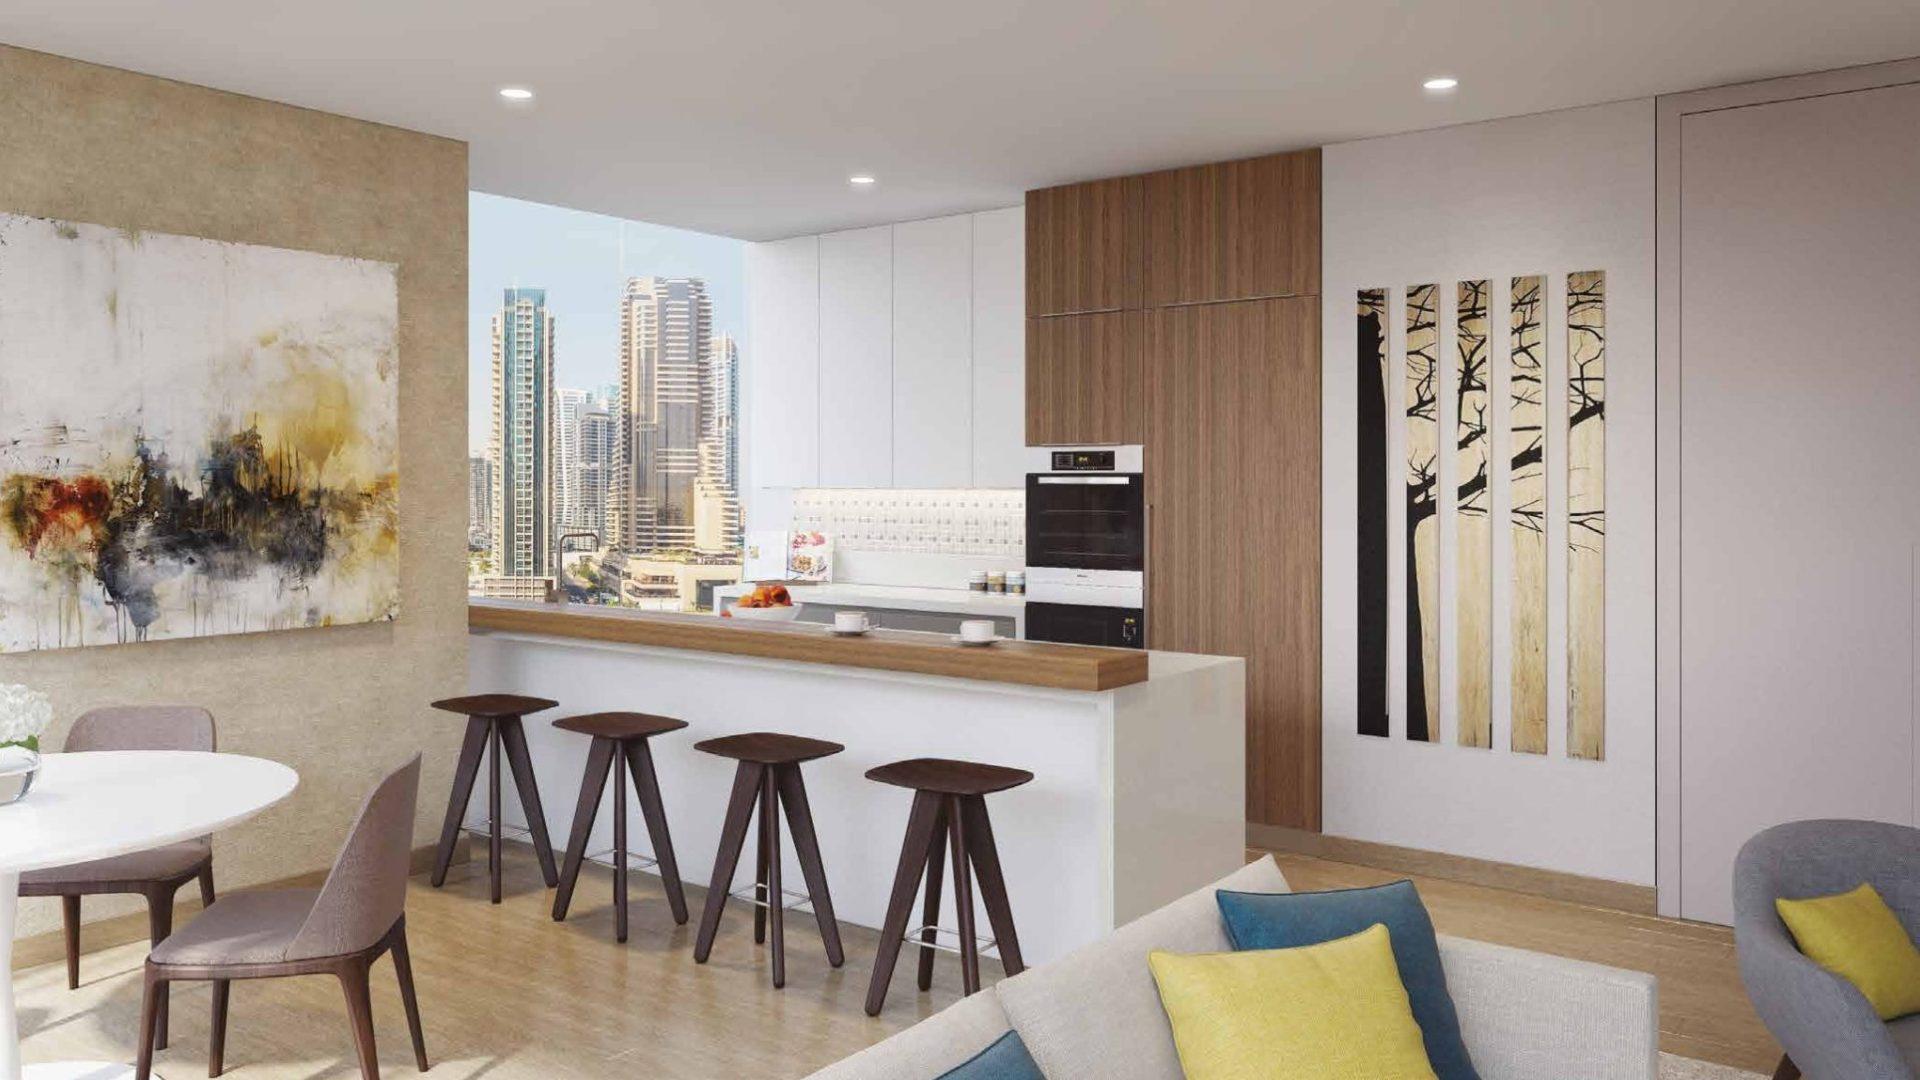 Apartamento en venta en Dubai, EAU, estudio, 57 m2, № 24239 – foto 3